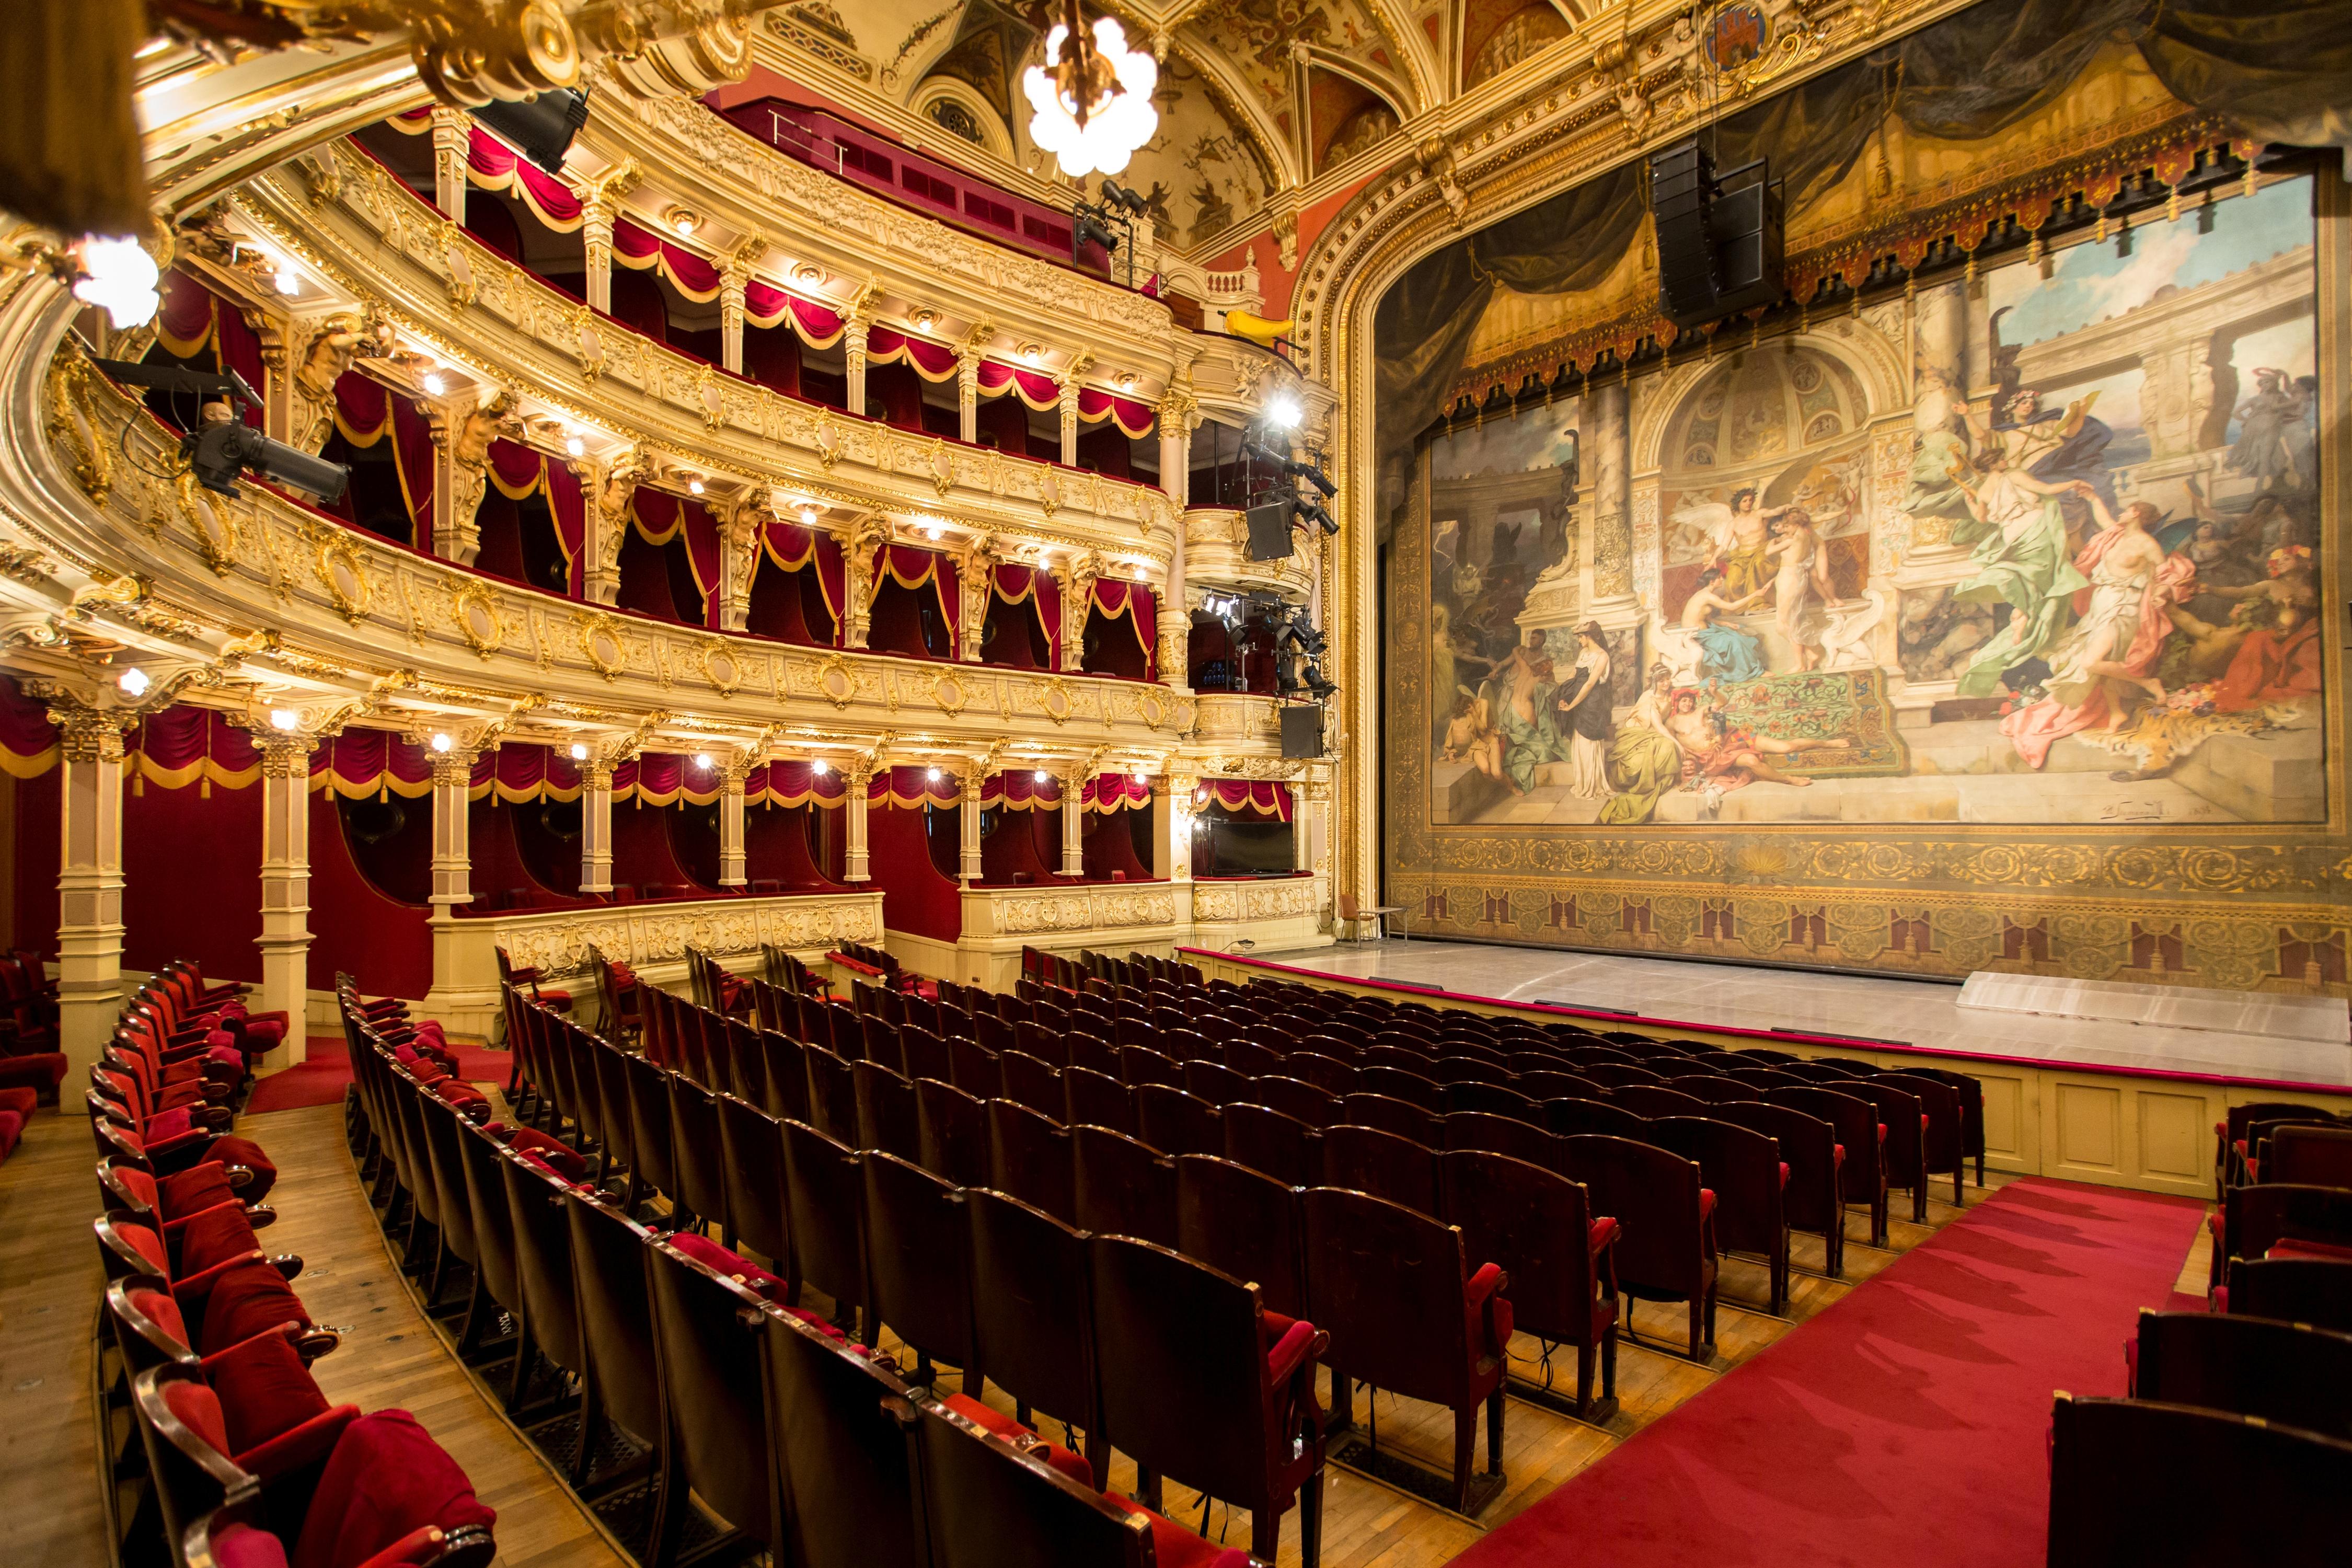 Wnętrze Teatru Słowackiego z kurtyną Siemiradzkiego, źródło: wk.asp.krakow.pl